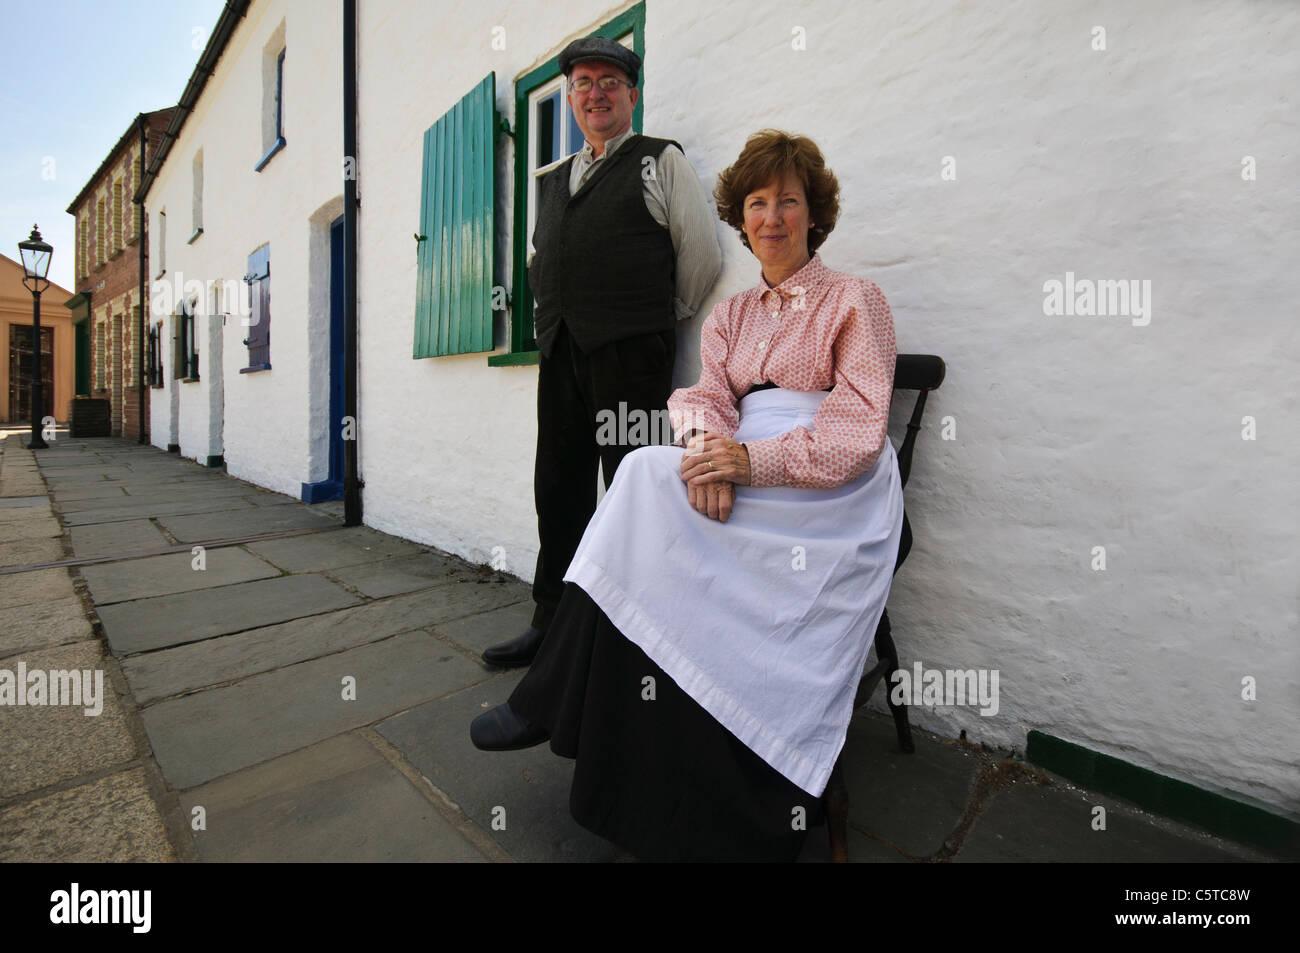 L'homme et la femme en robe victorienne s'asseoir sur le trottoir à l'extérieur de leur maison à l'Ulster Folk Park Museum Banque D'Images